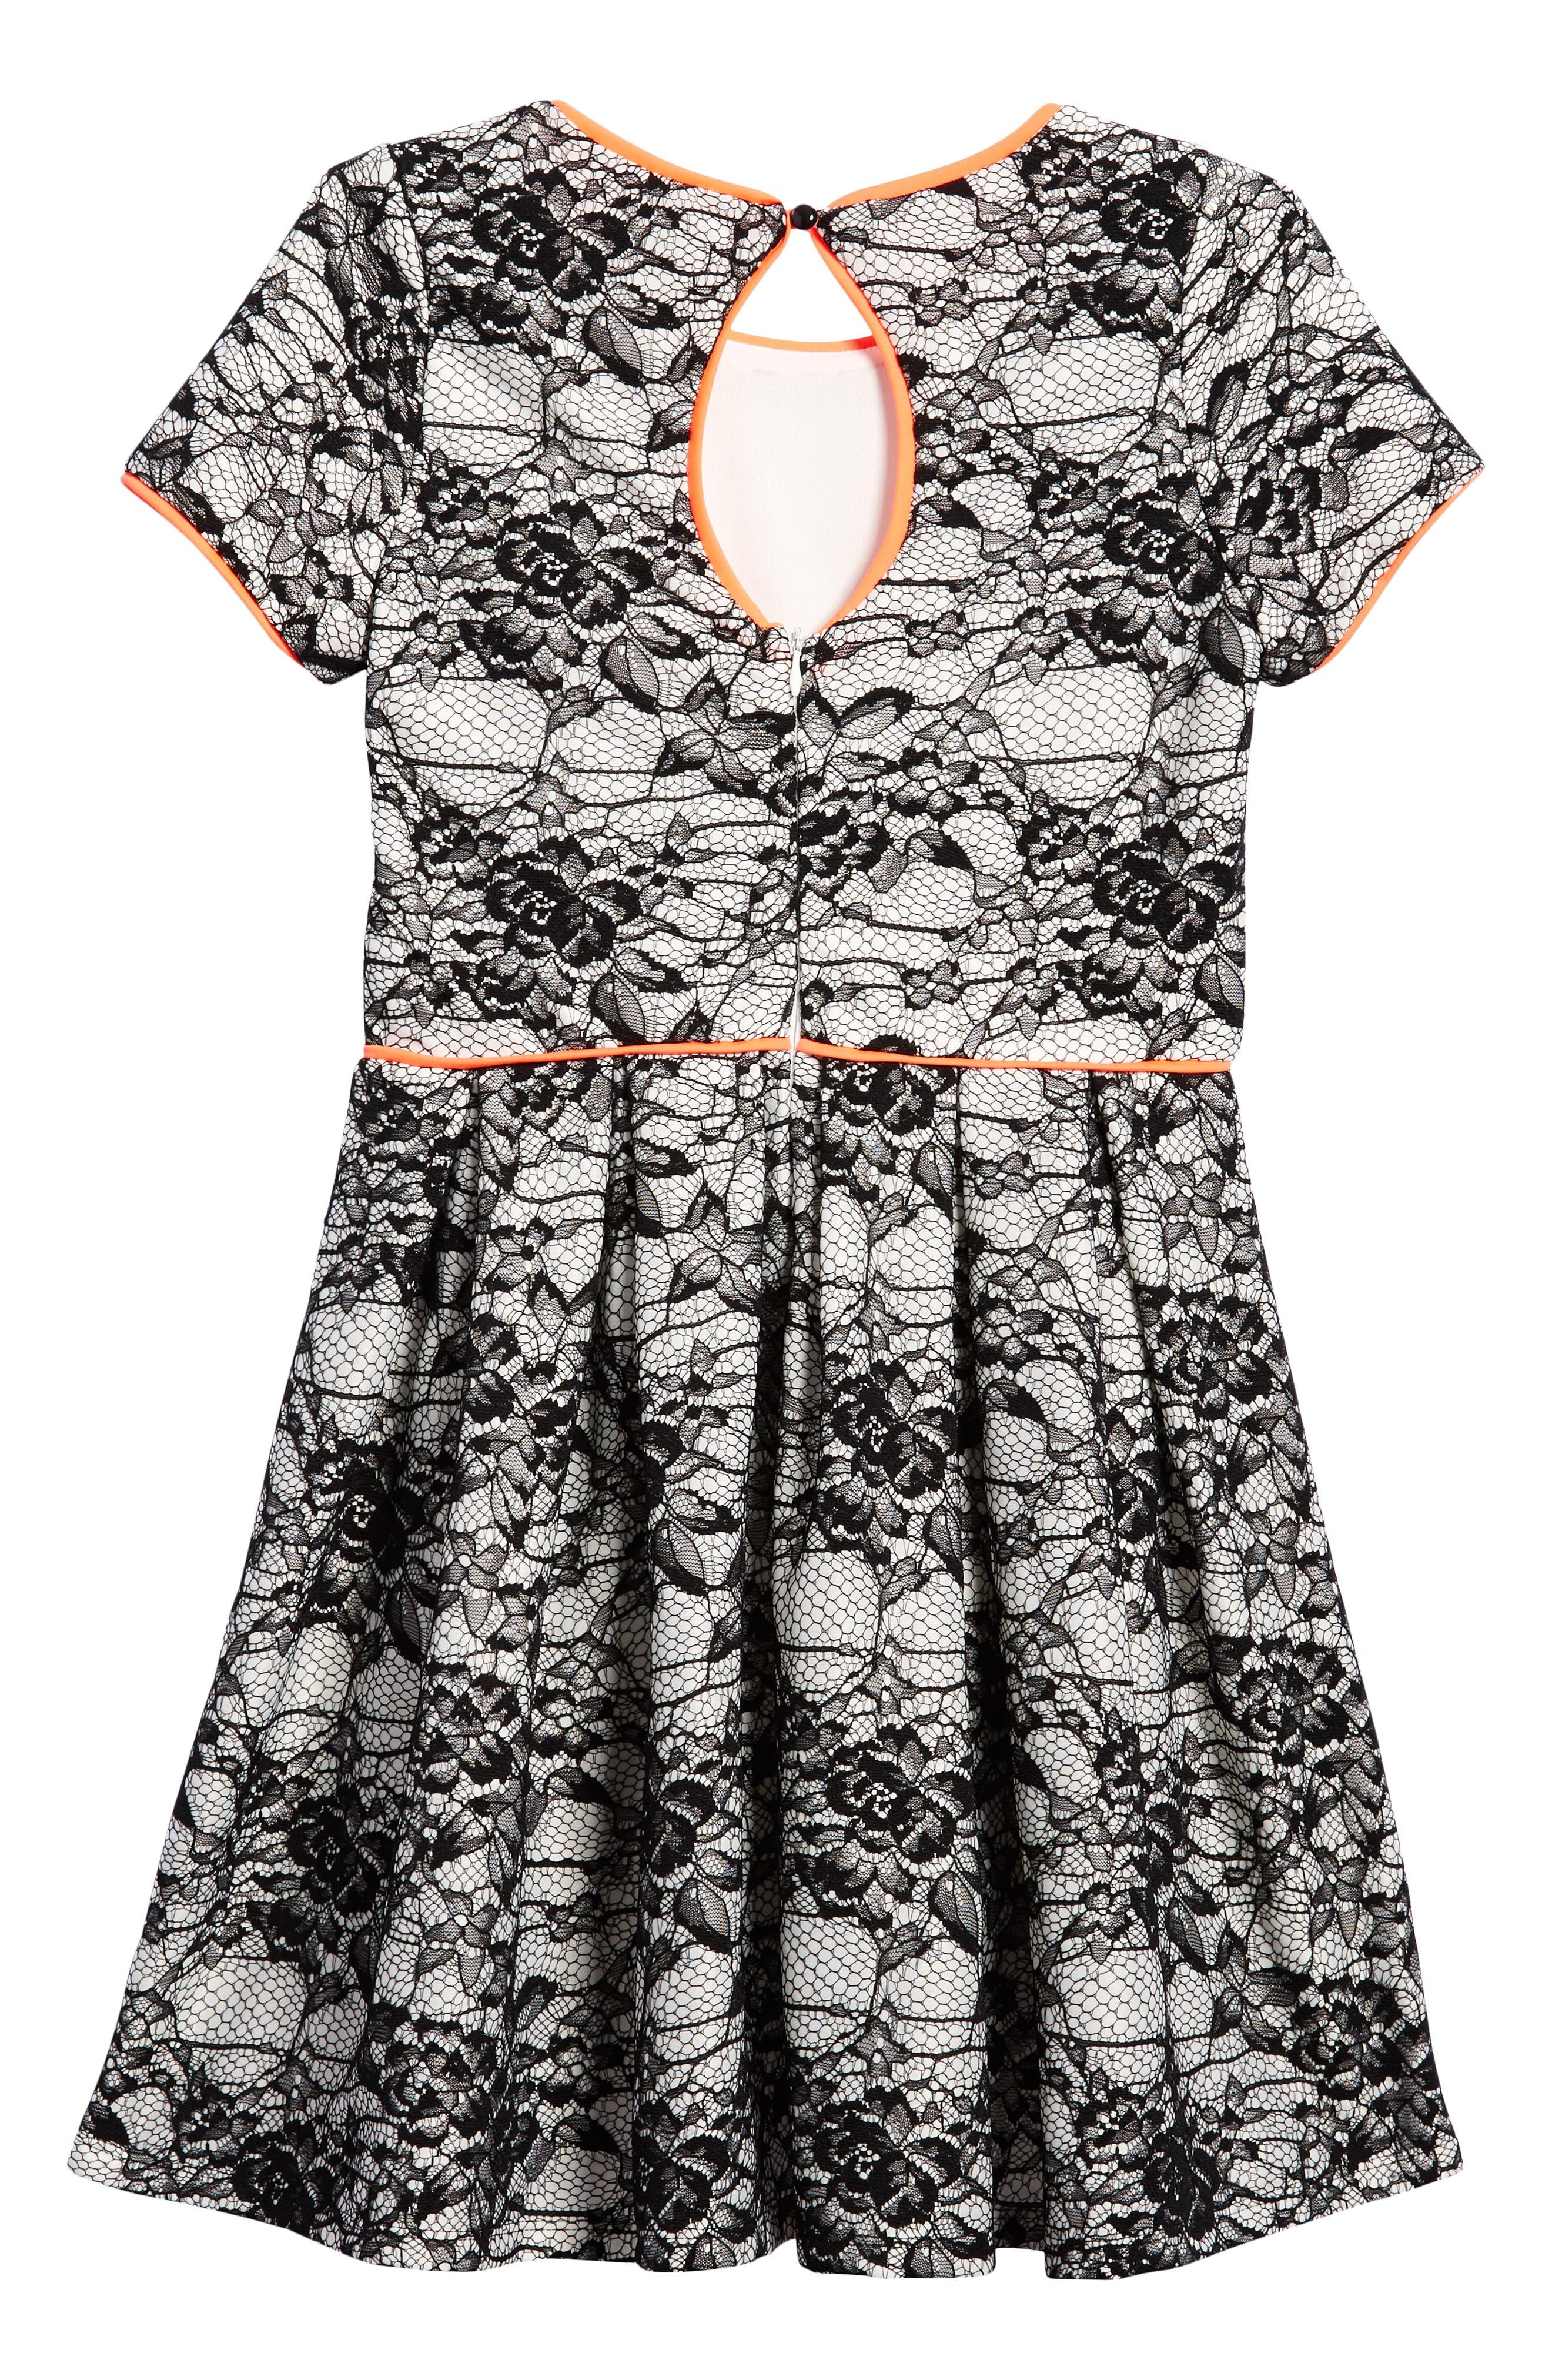 Lace Overlay Skater Dress,                             Alternate thumbnail 2, color,                             Black/ White